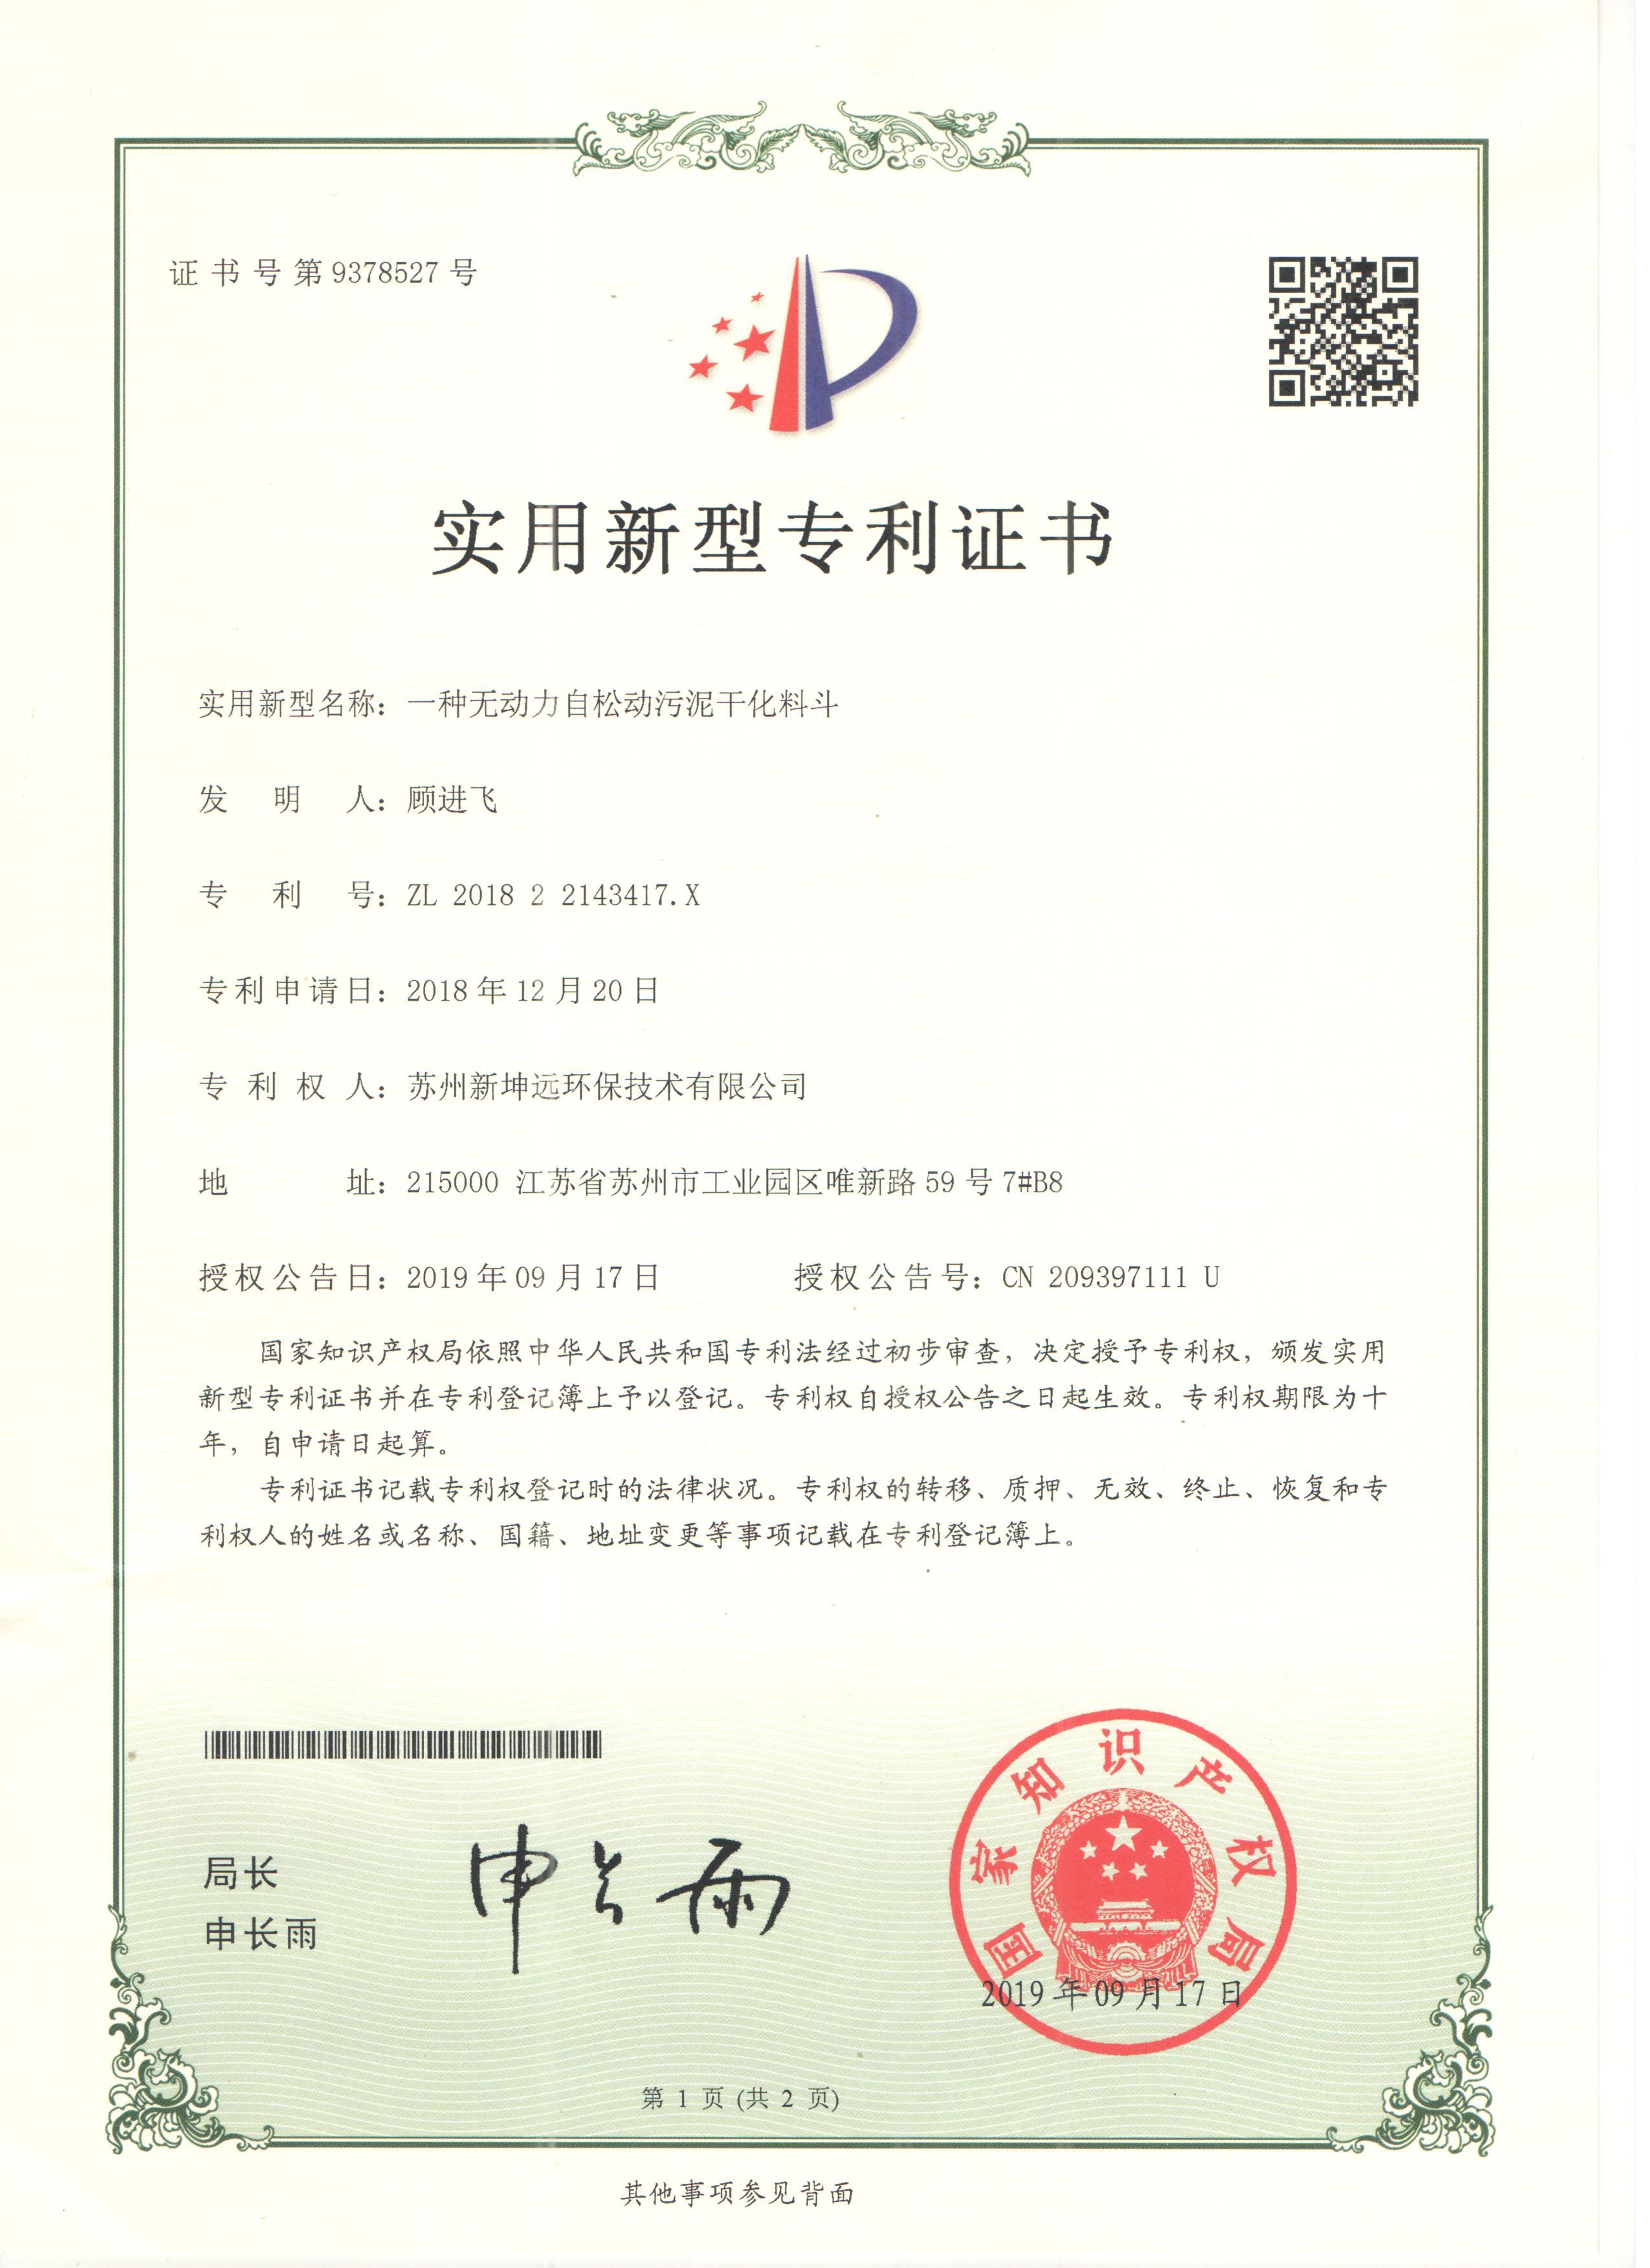 NGE-无动力自松动热博平台娱乐注册干化料斗